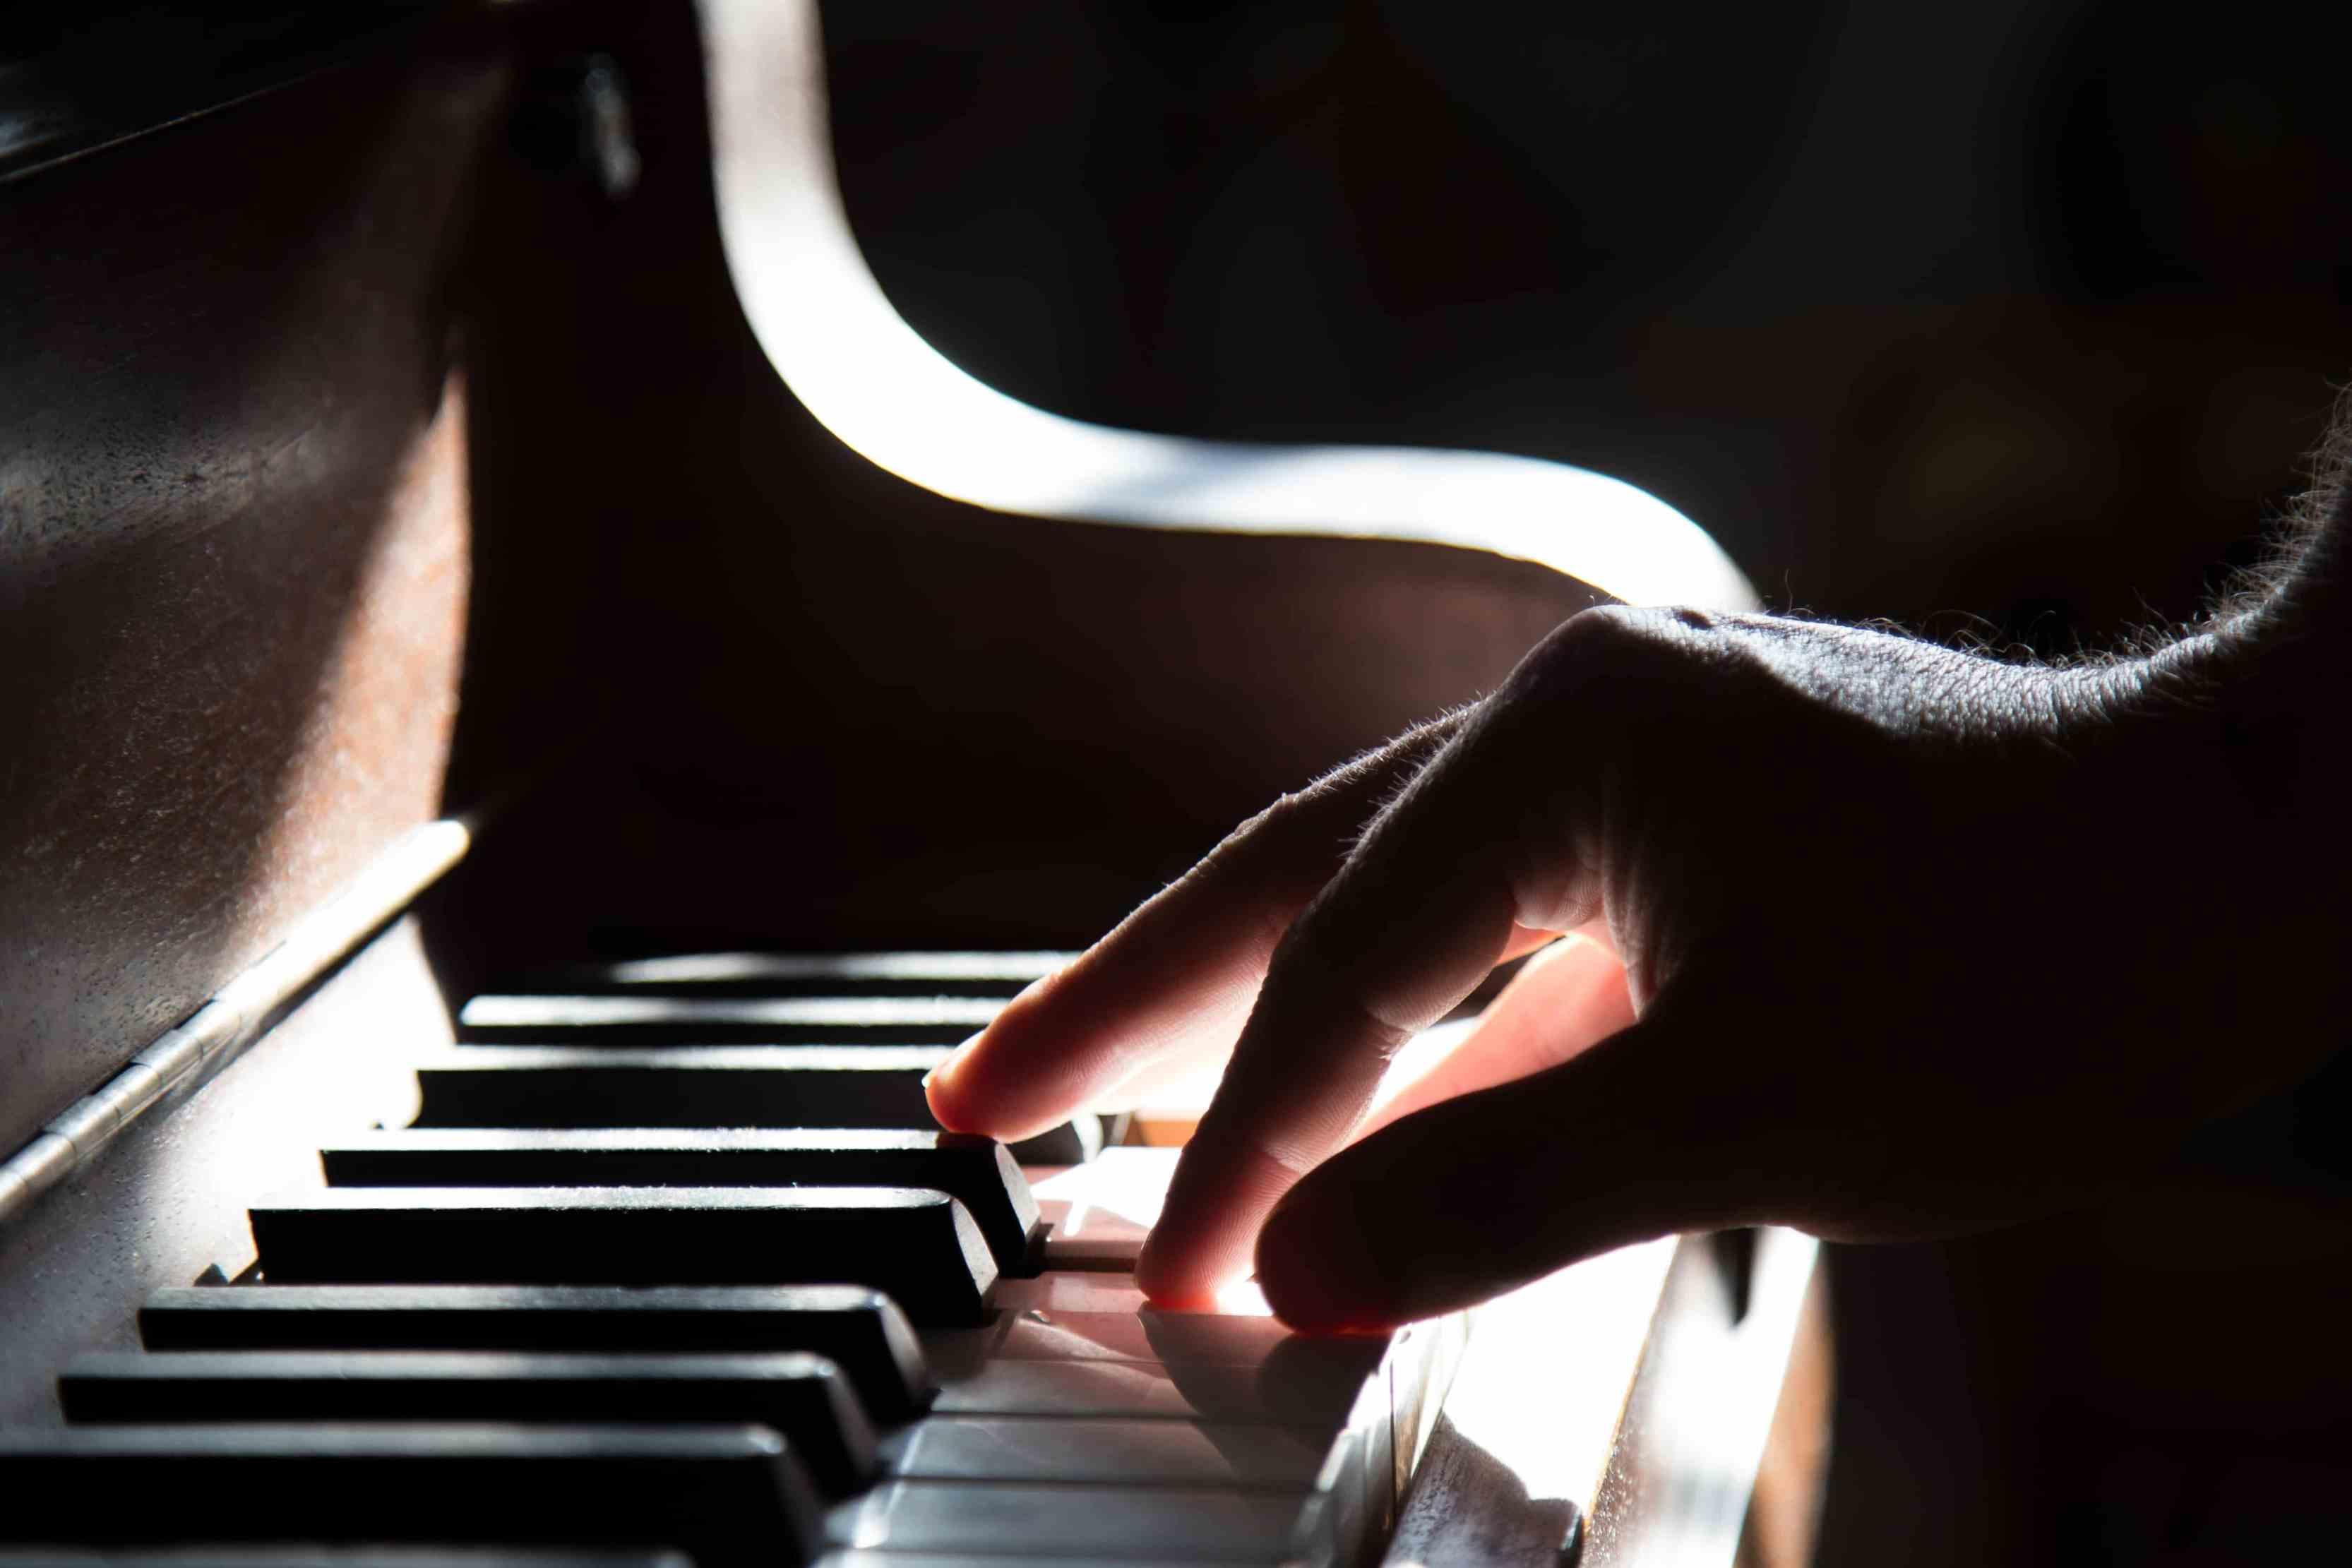 2_piano-801707